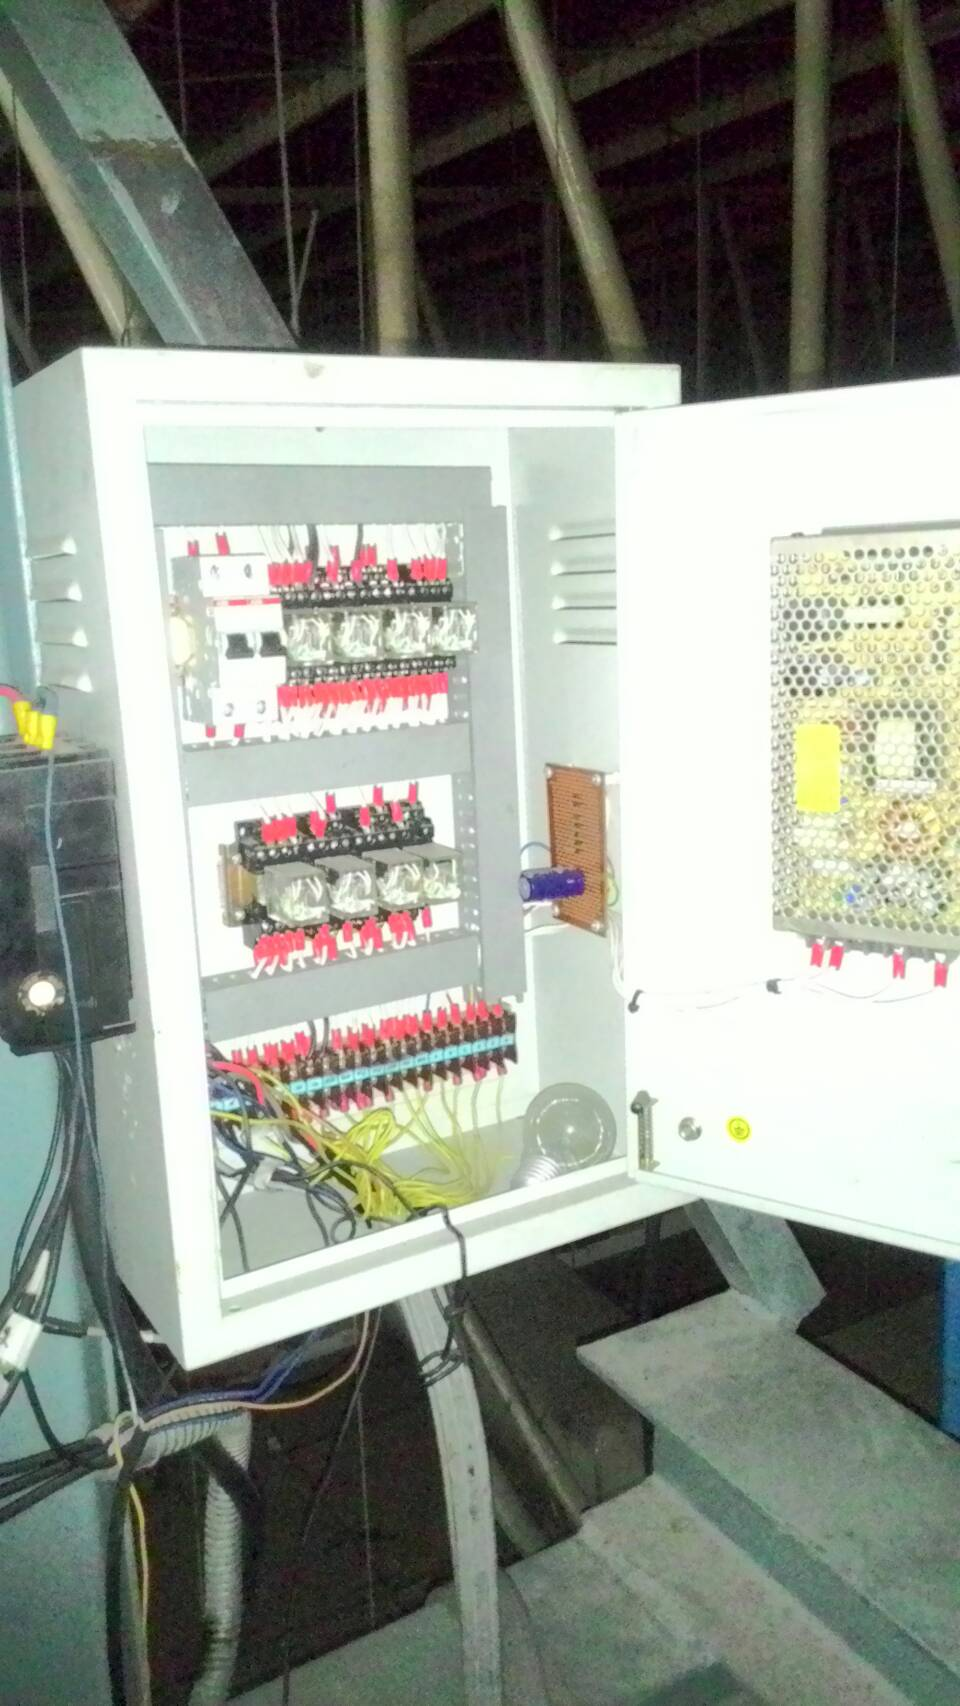 รับออกแบบและประกอบระบบตู้คอนโทรล